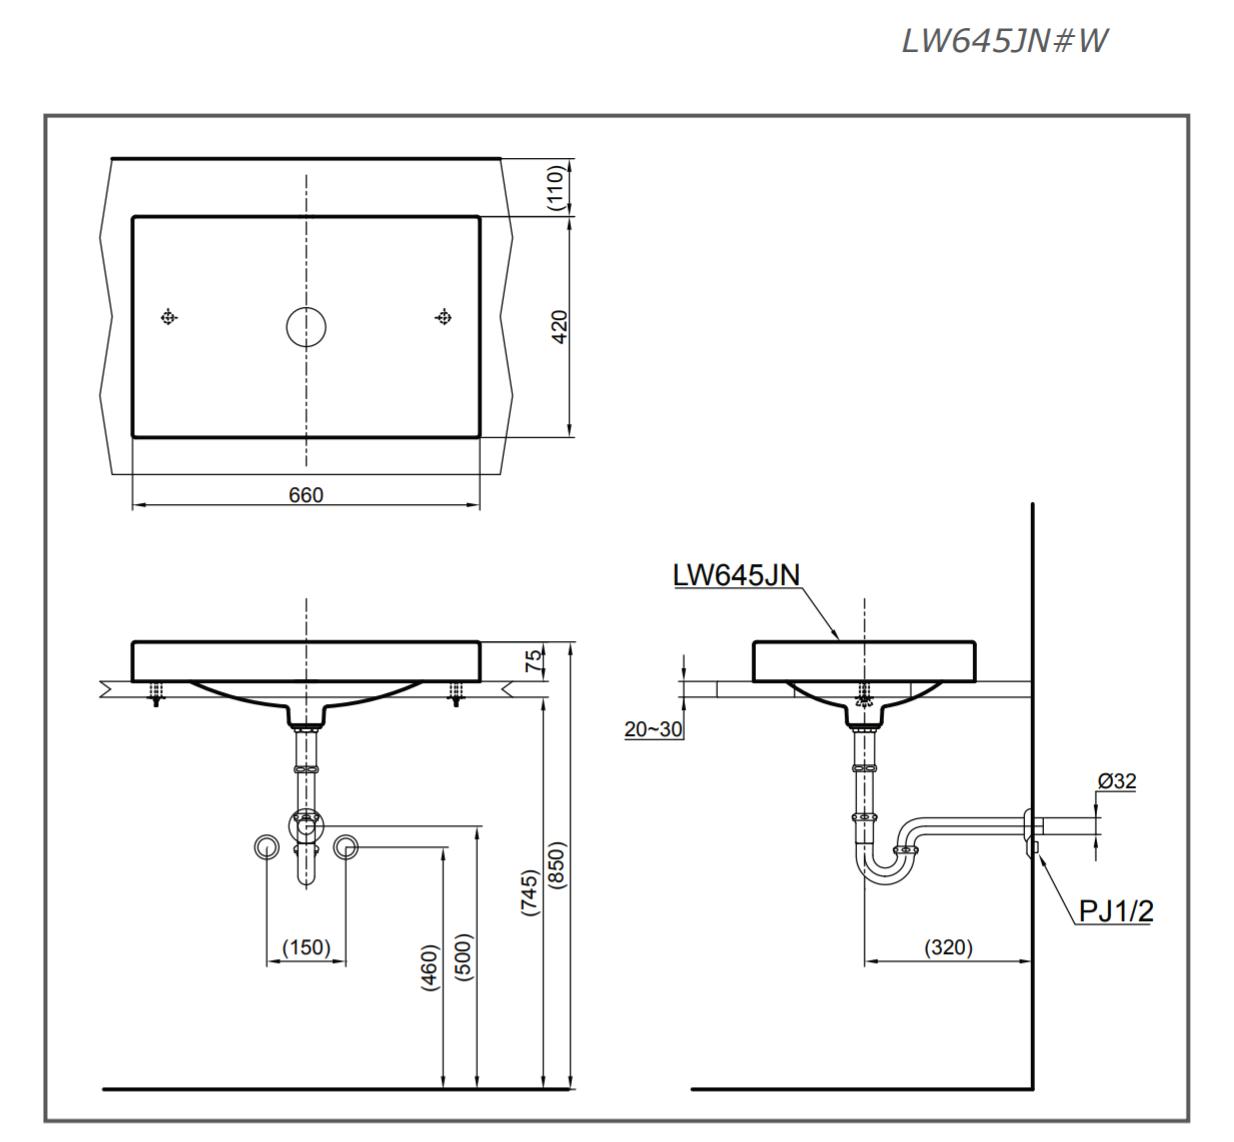 TSKT chậu rửa mặt đặt bàn TOTO LW645JNW/F